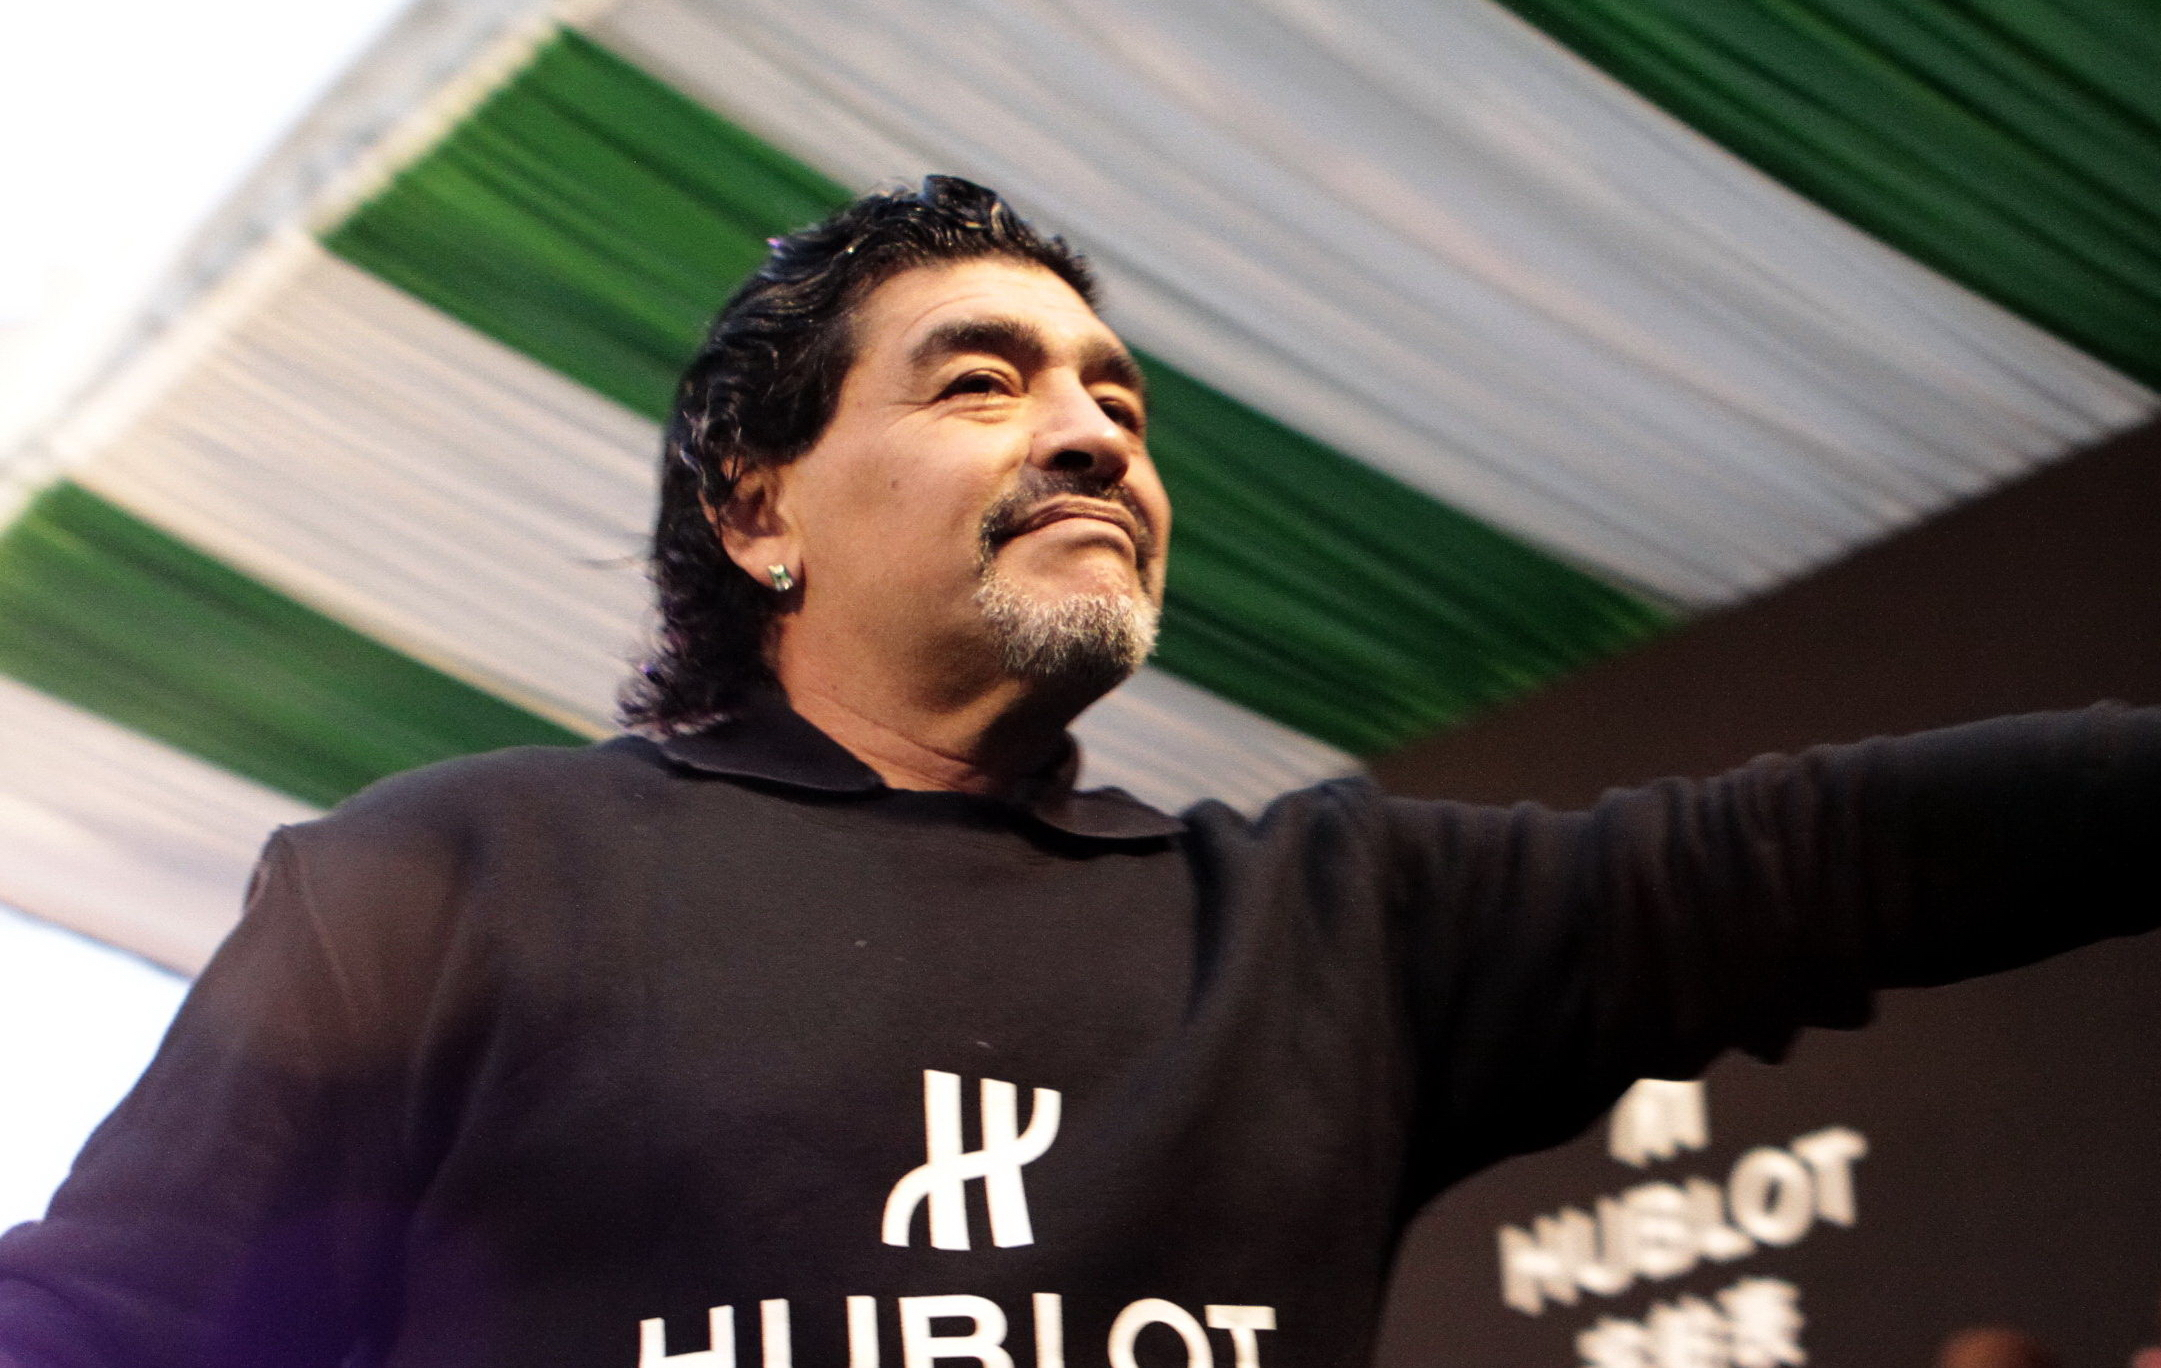 maradona pr t rejoindre montpellier montpellier homes clubs ligue 1 football. Black Bedroom Furniture Sets. Home Design Ideas